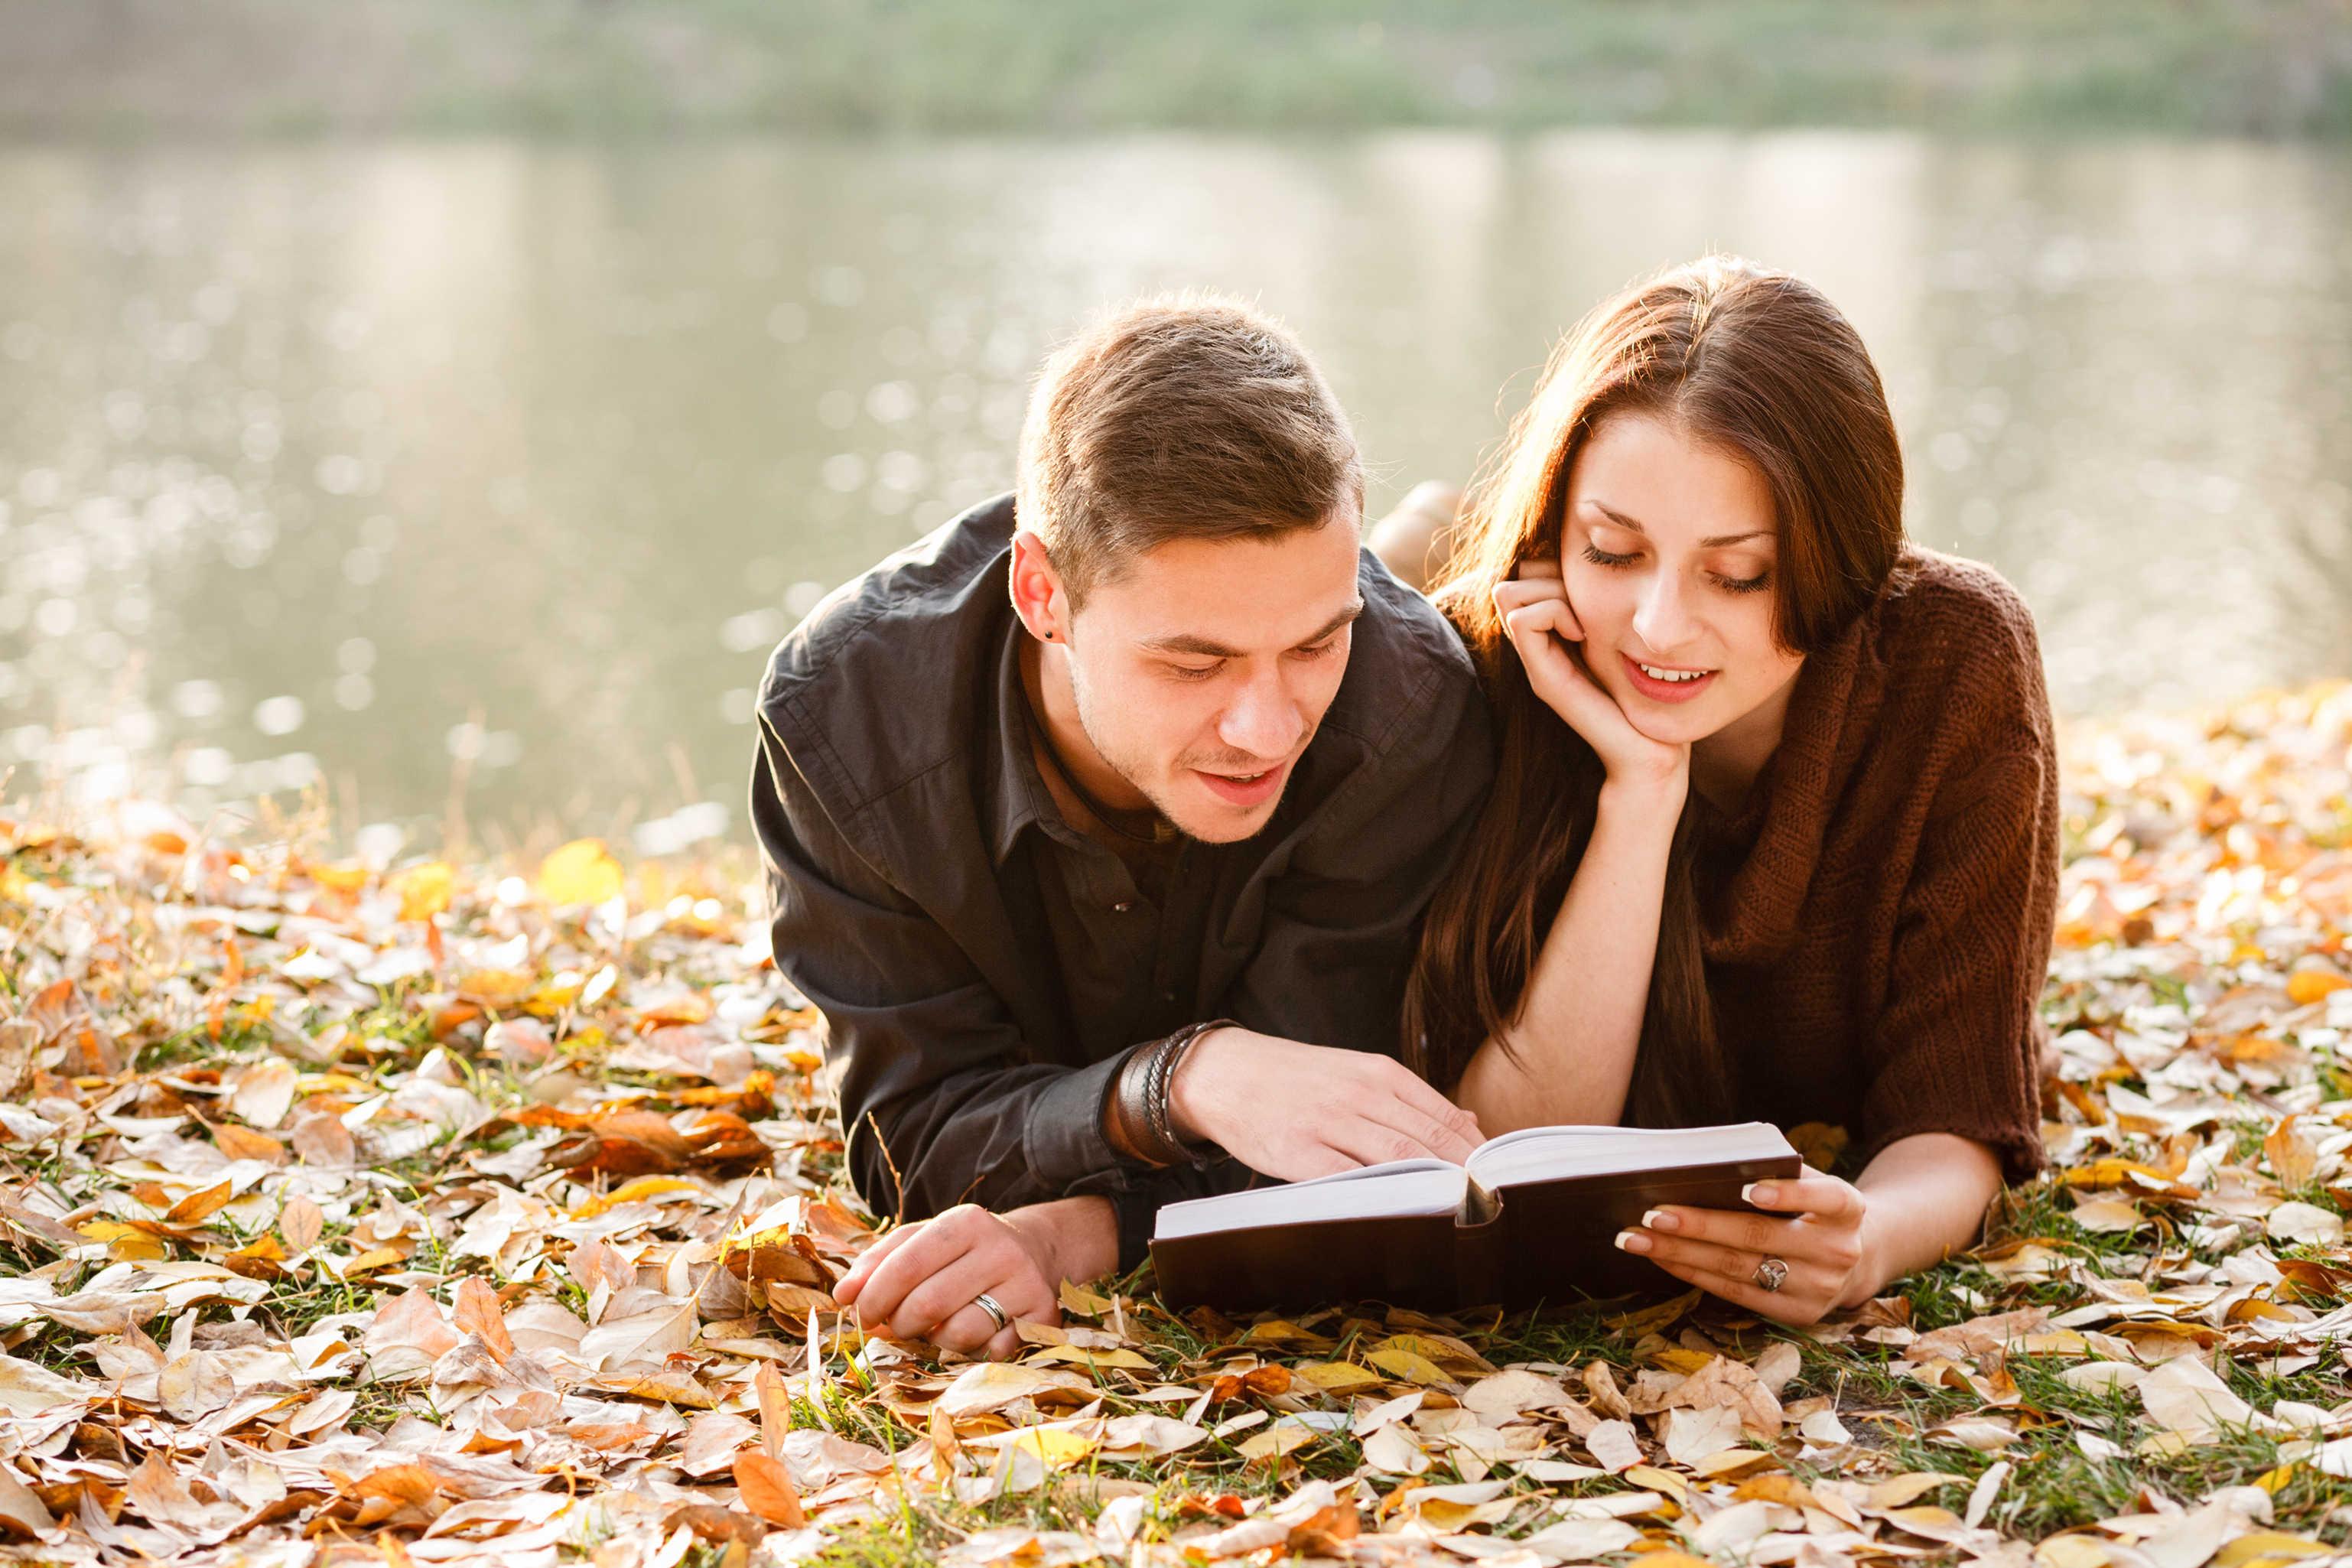 Was sagt die Bibel über das Küssen vor der Ehe?